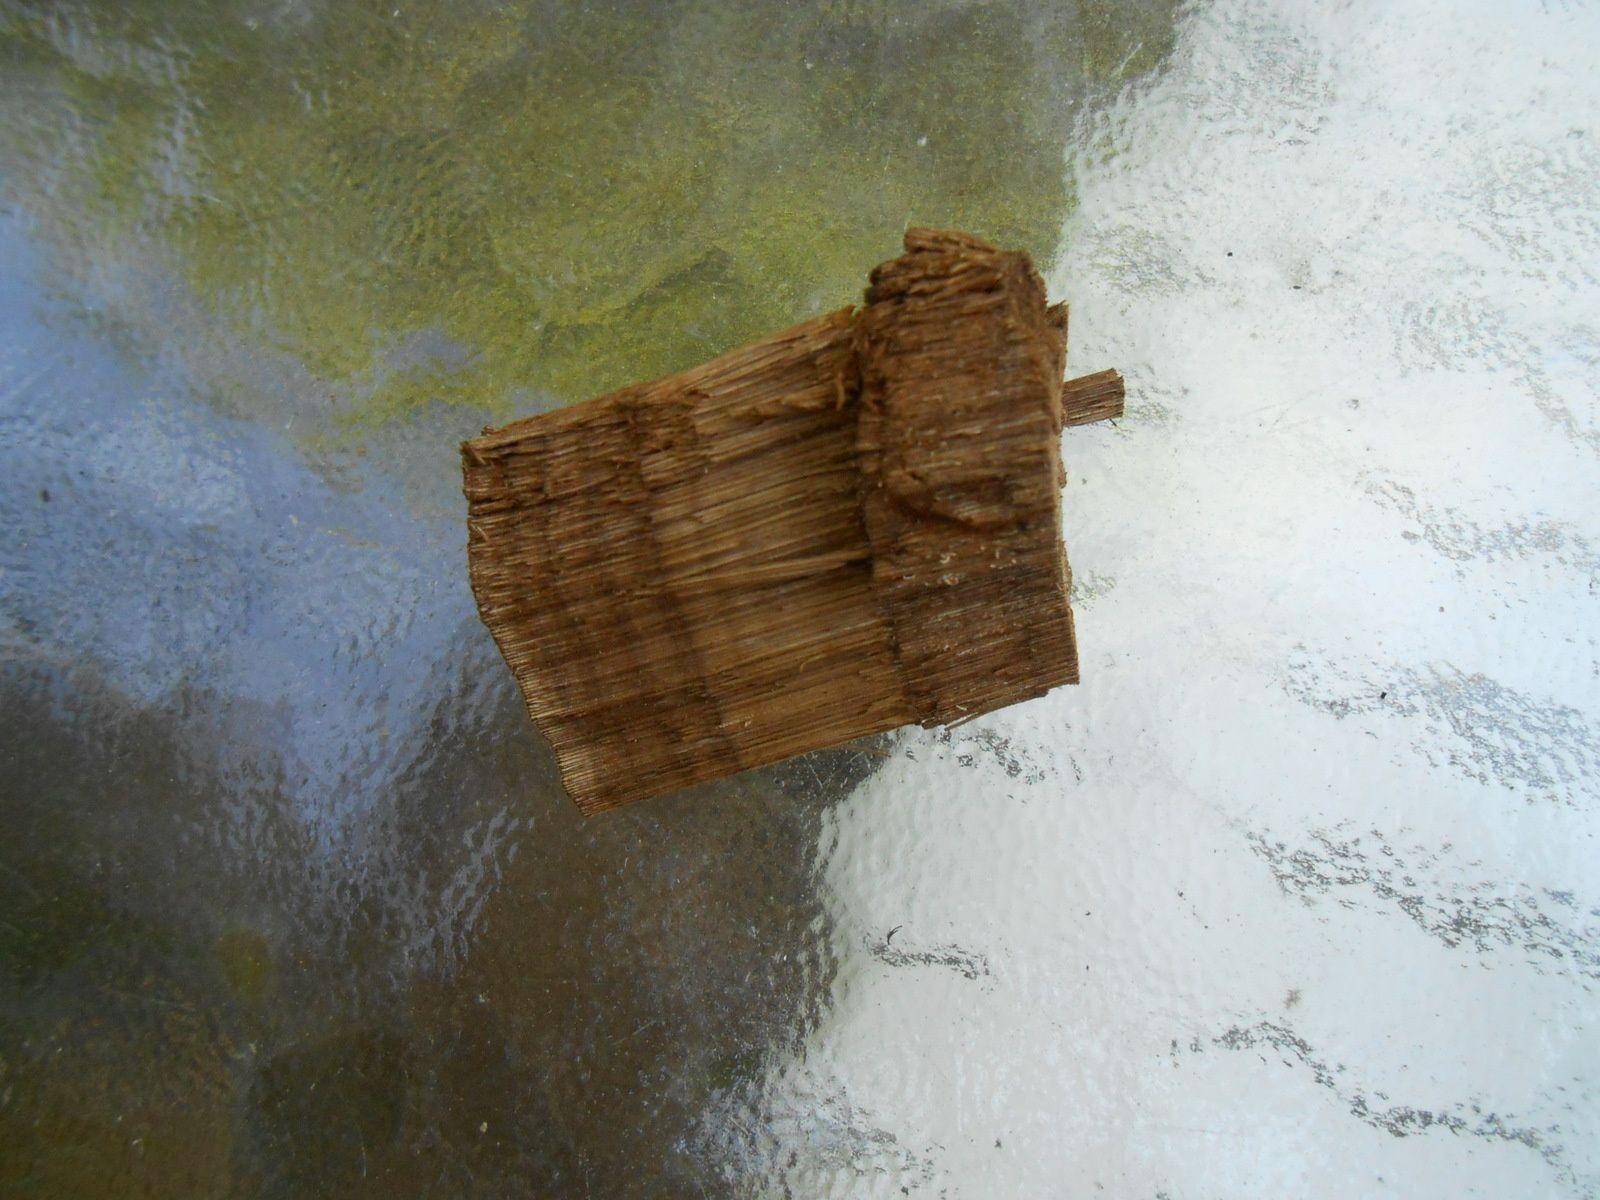 la coupe de l'amadouvier est tonique , on voit bien les deux textures internes du champignon , la partie feutrée , l'amadou et la partie boisée